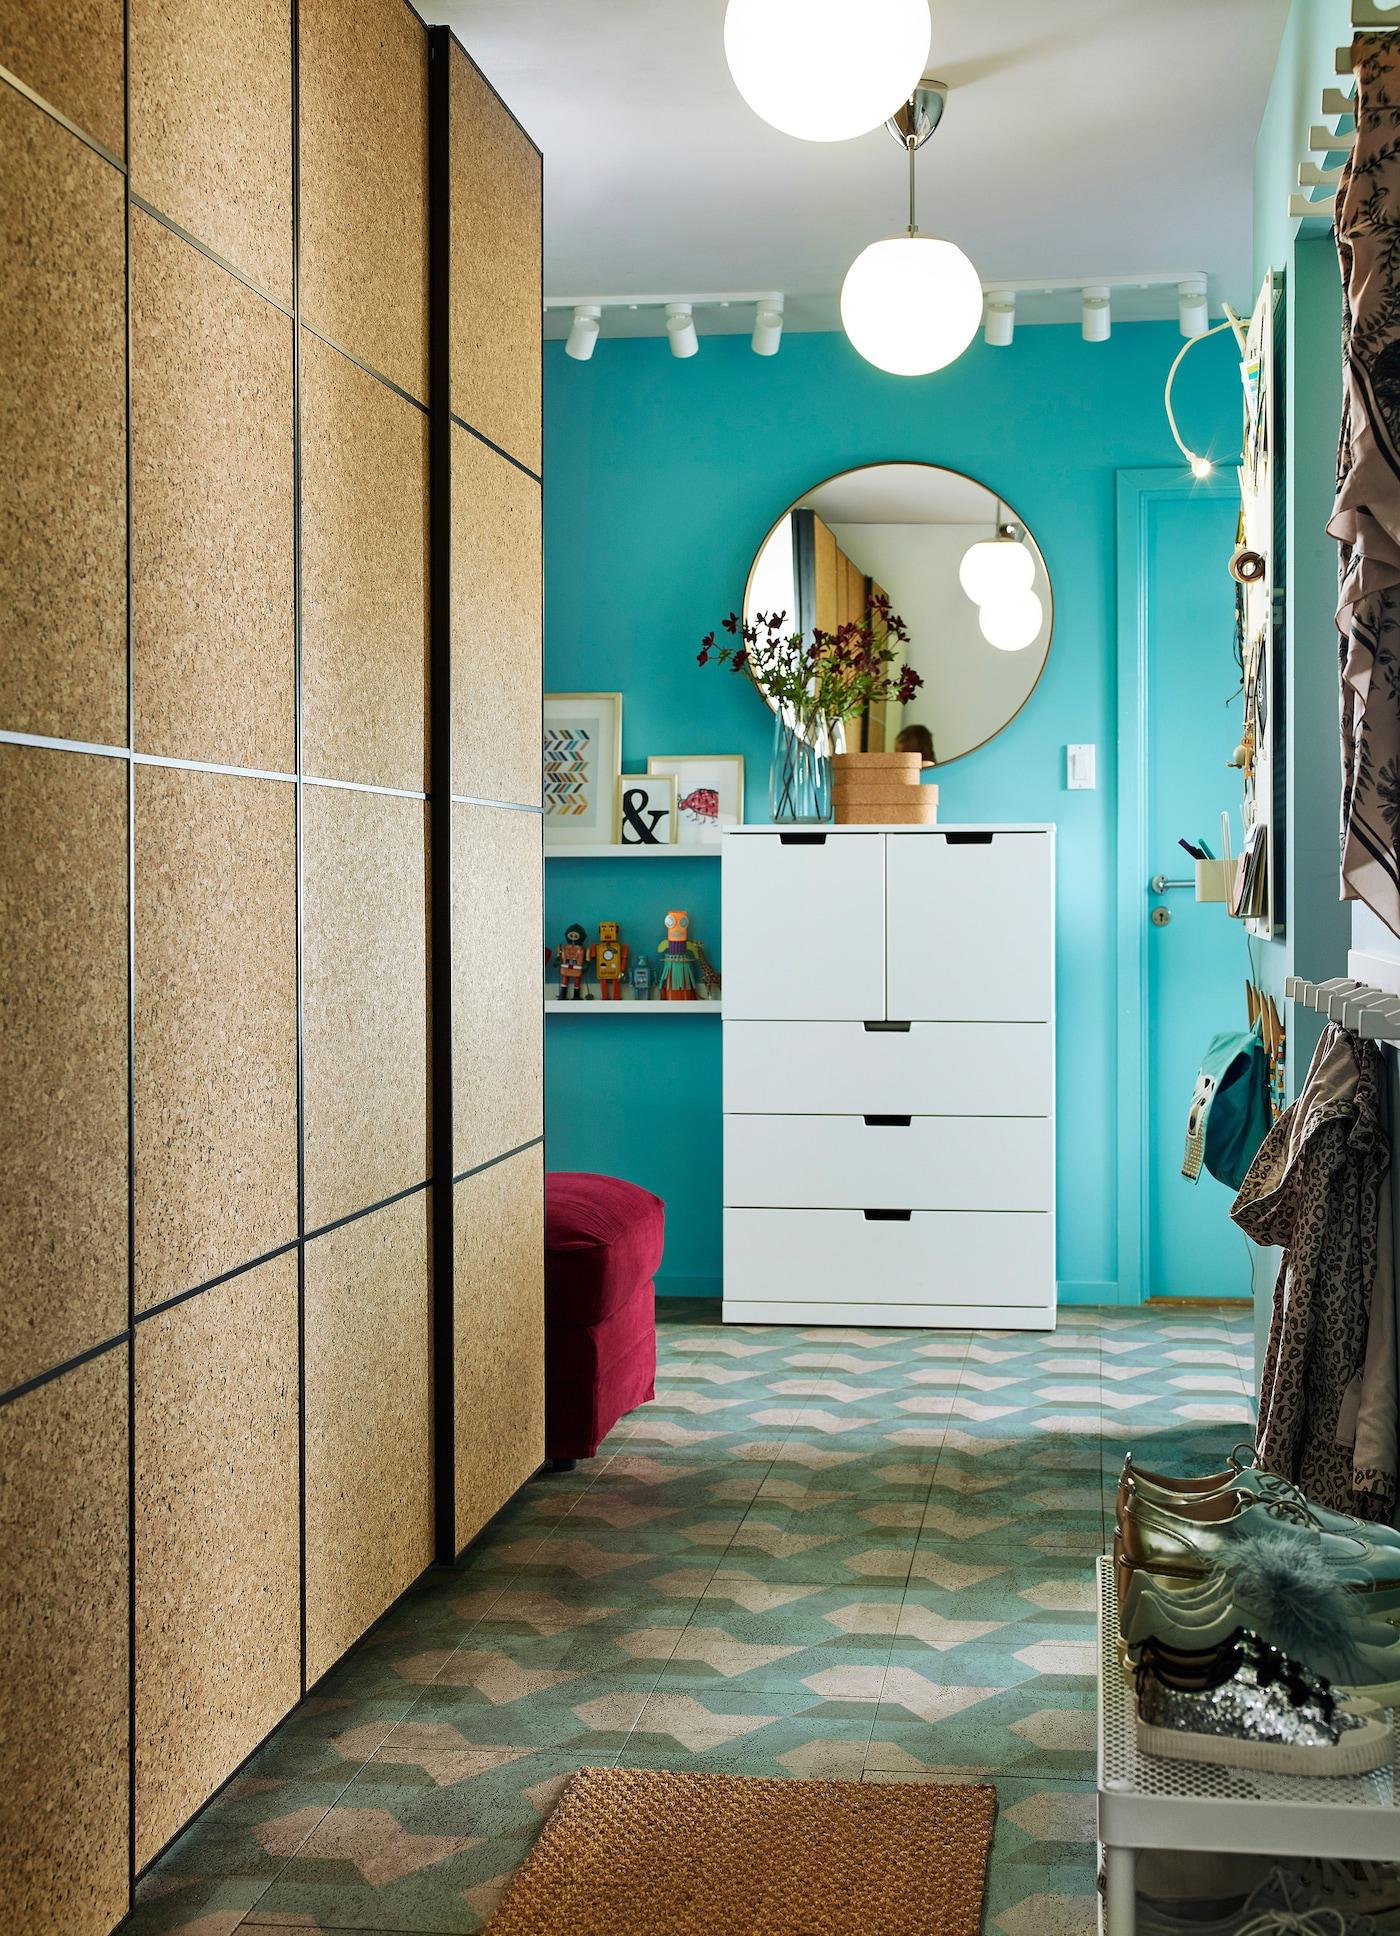 小门厅里摆放着用于存储衣物的宜家 PAX 帕克思 衣柜,带 KIRKENES 科克尼斯 软木滑门。这款产品便于家庭展示其孩子的创意之作。